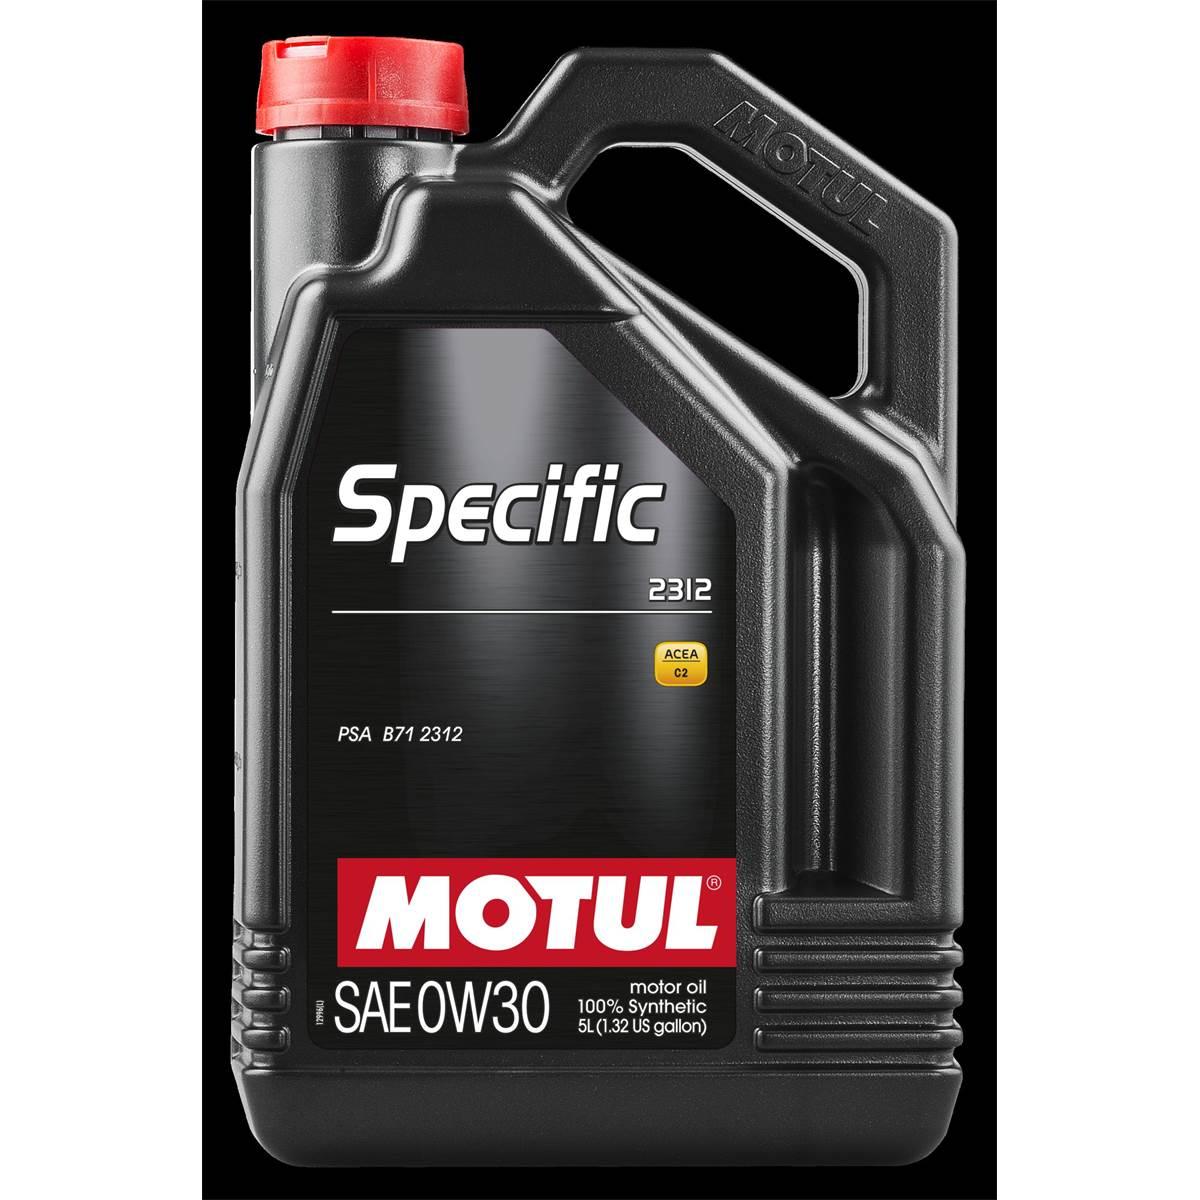 Huile moteur MOTUL Specific 2312 Essence/Diesel 0W30 5L